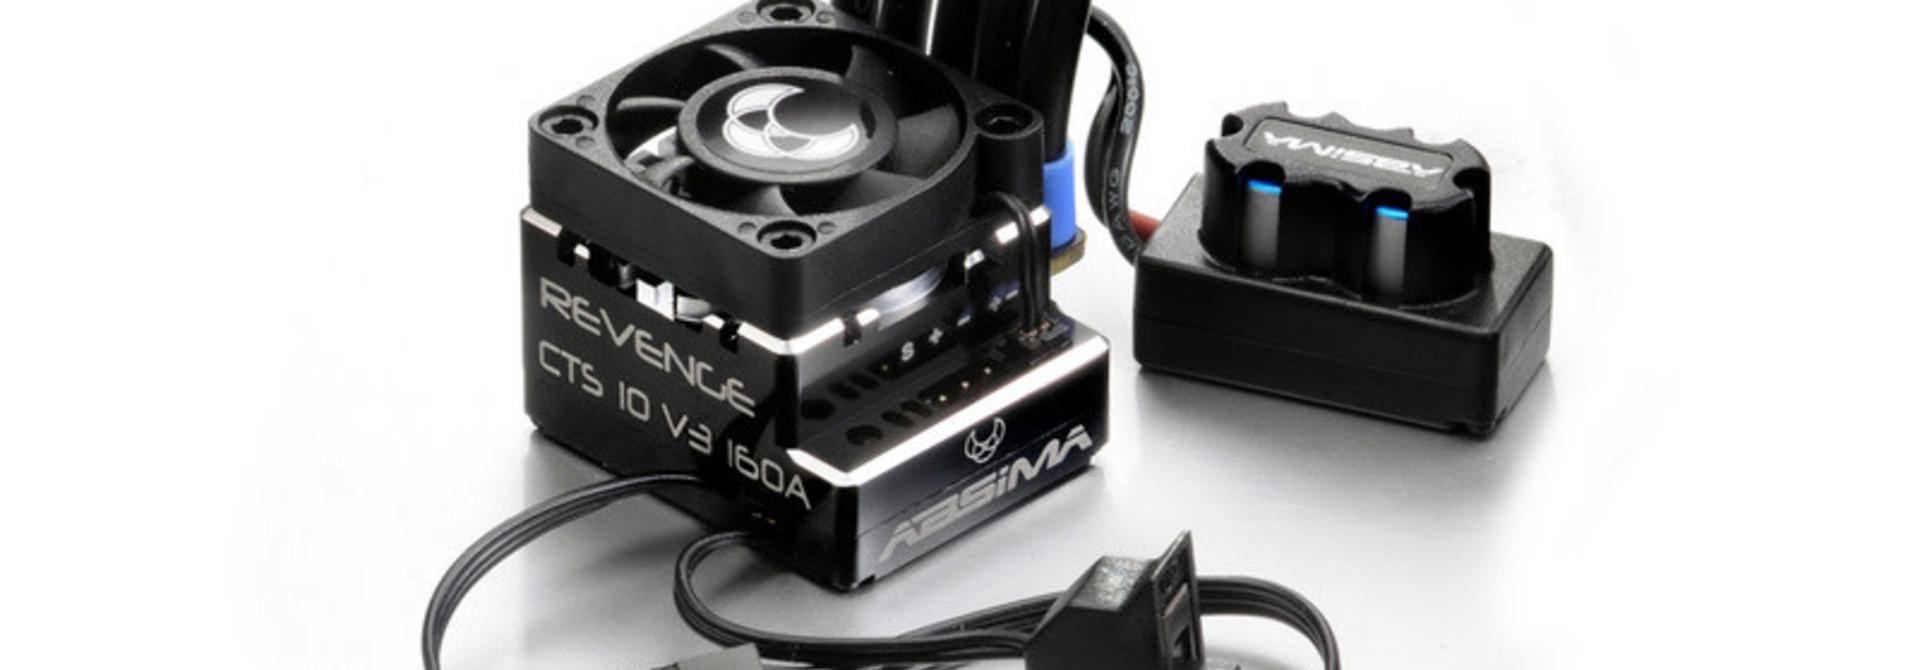 """Brushless ESC 1:10 """"Revenge CTS 10 V3"""" 160A"""